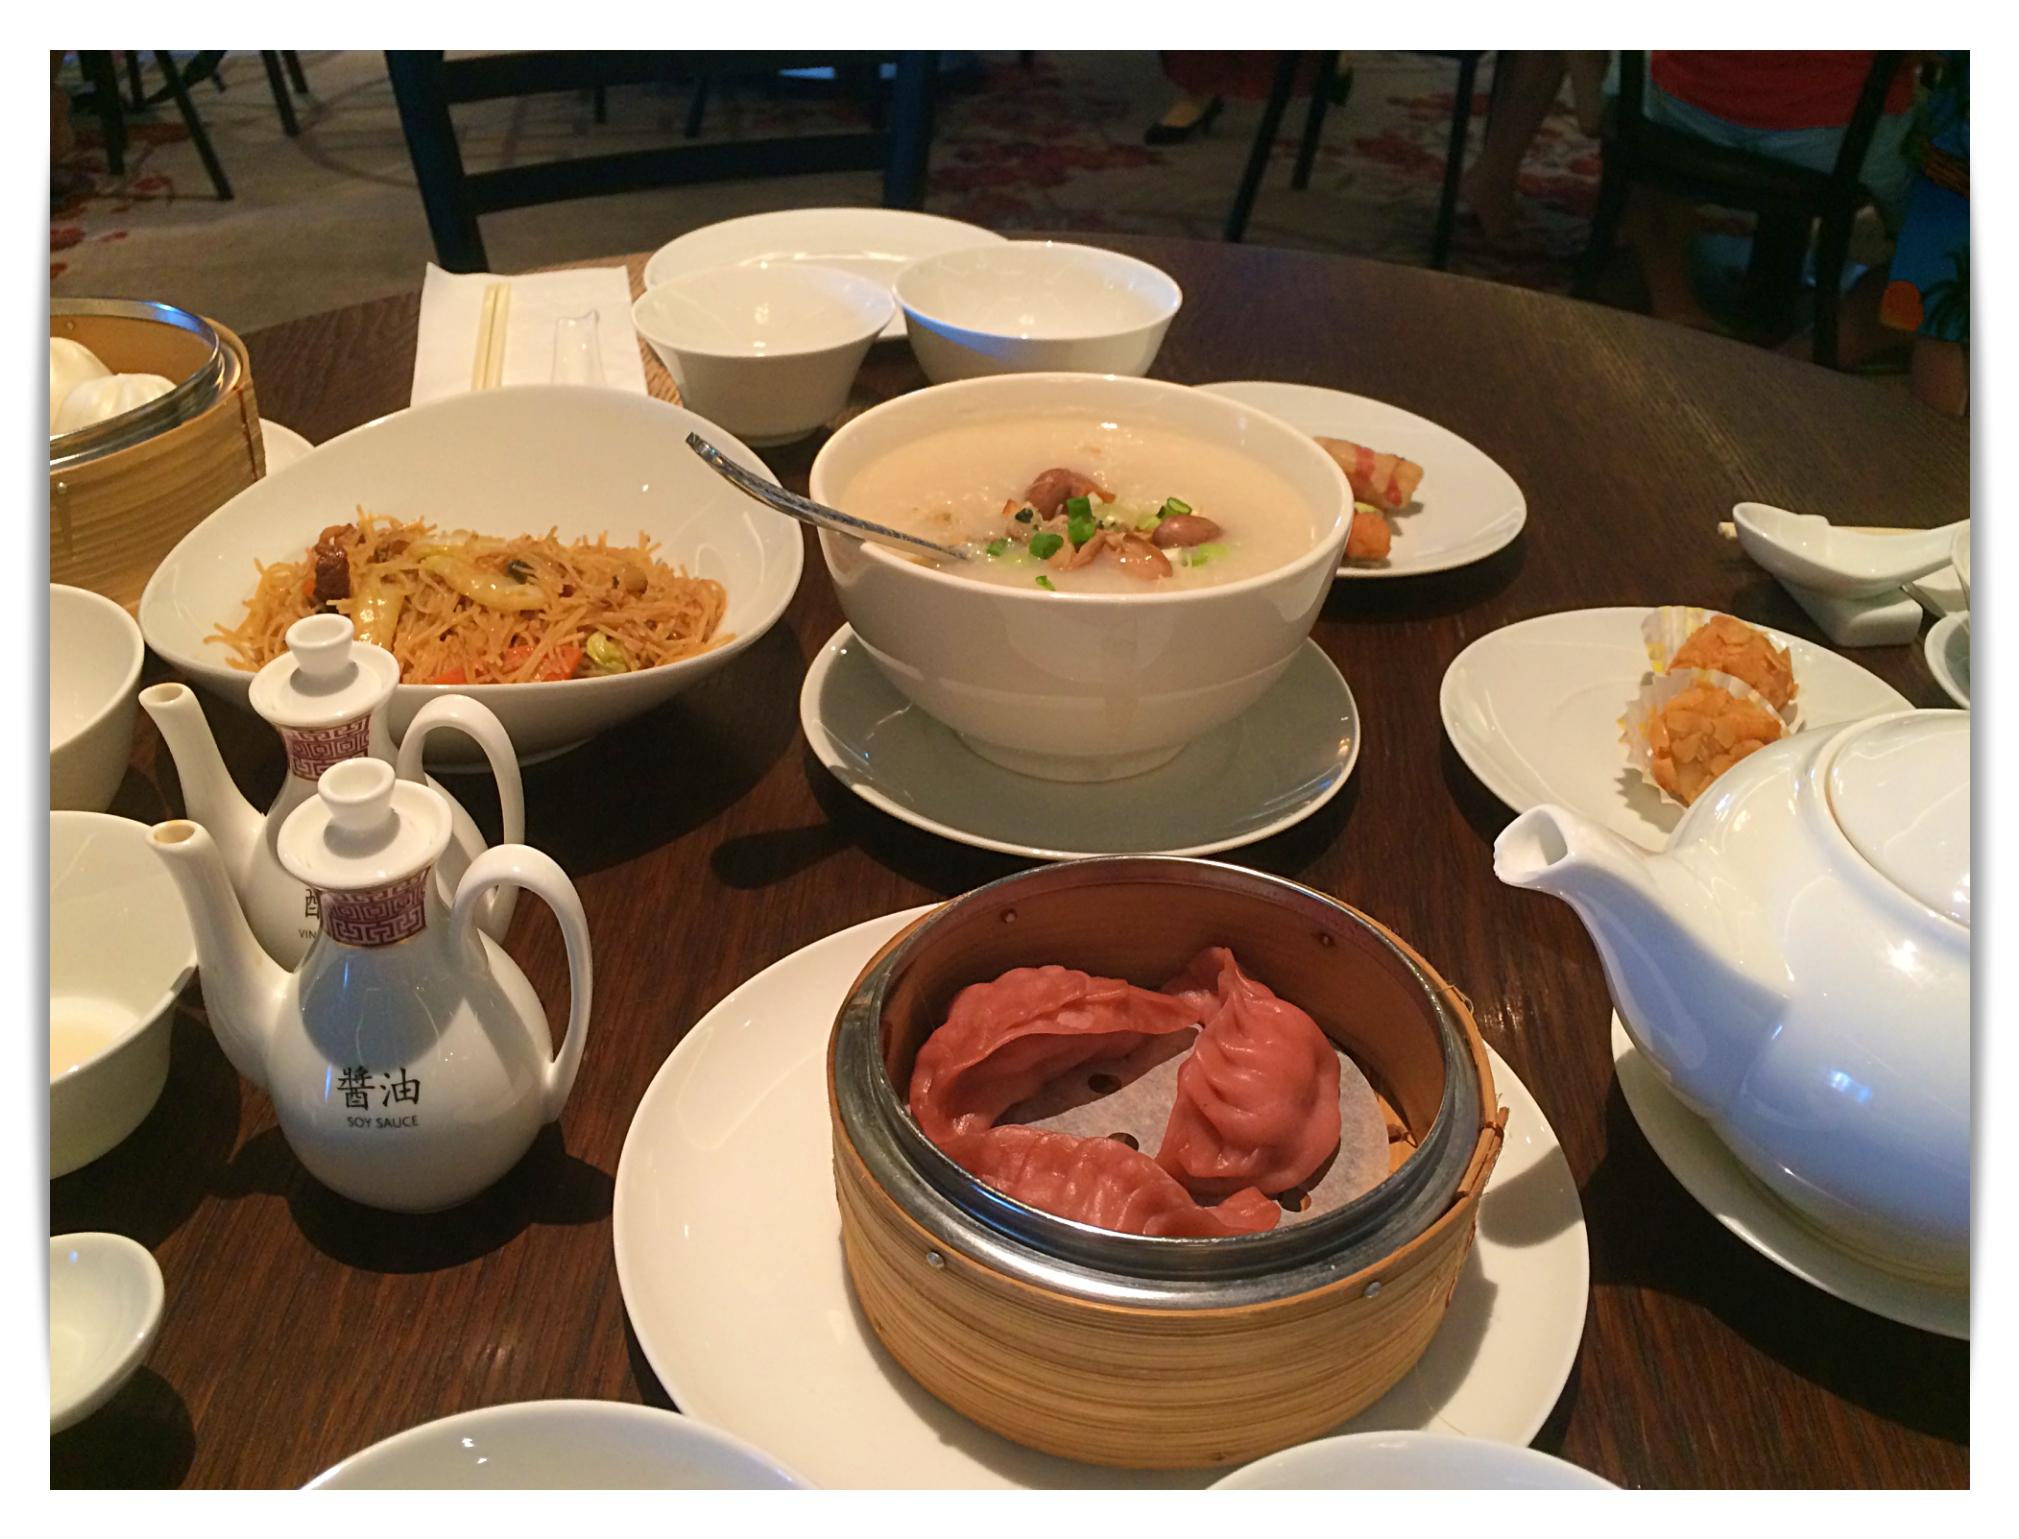 Asian Breakfast Dream Dining Room